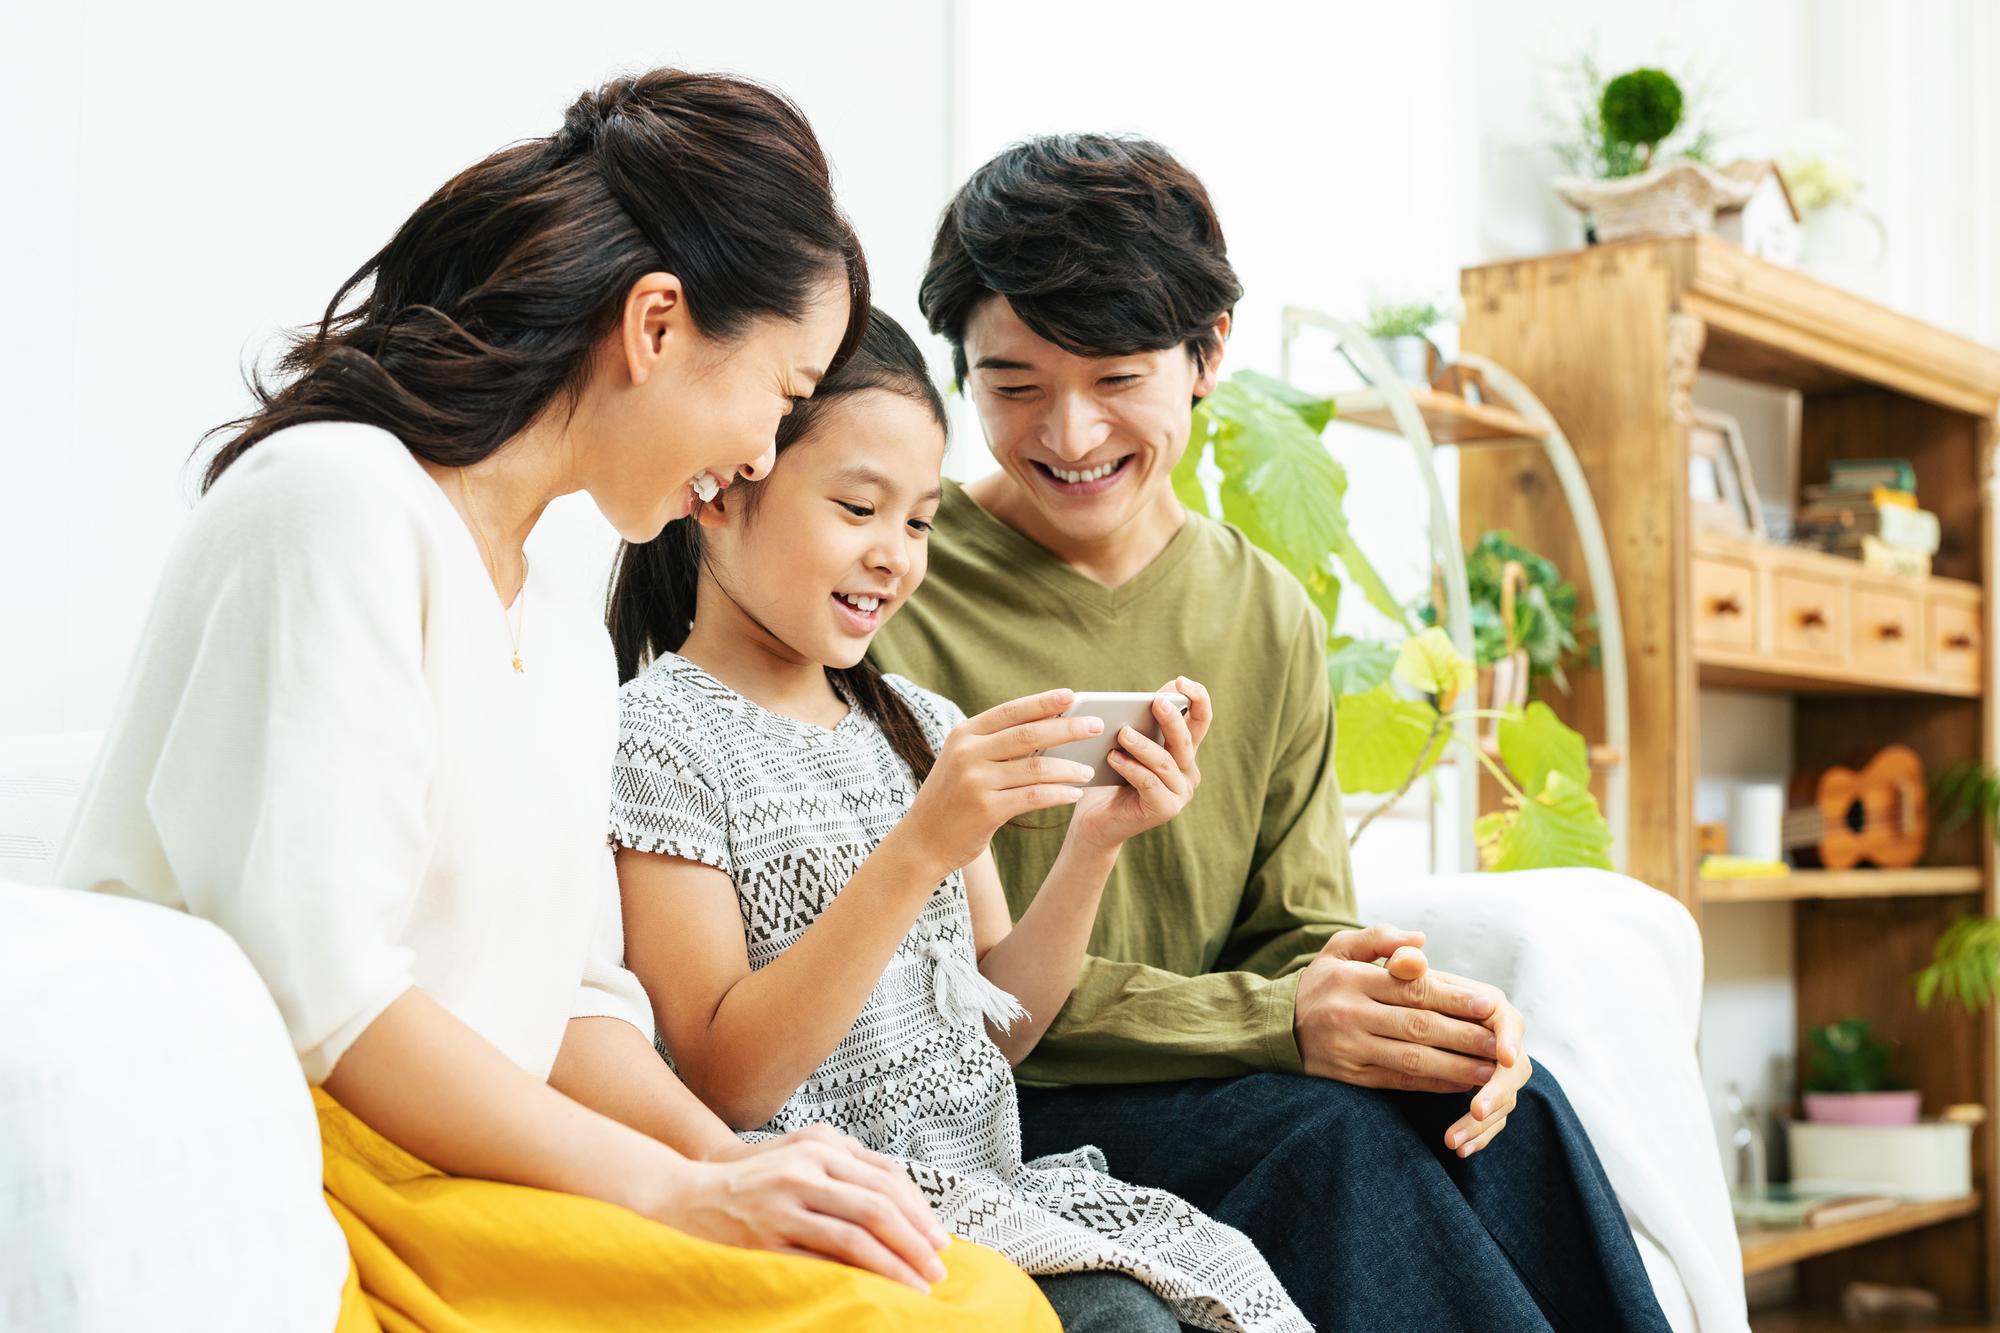 03.5Gの電波は人体への悪影響があるってホント?健康被害に関する専門家の意見を解説